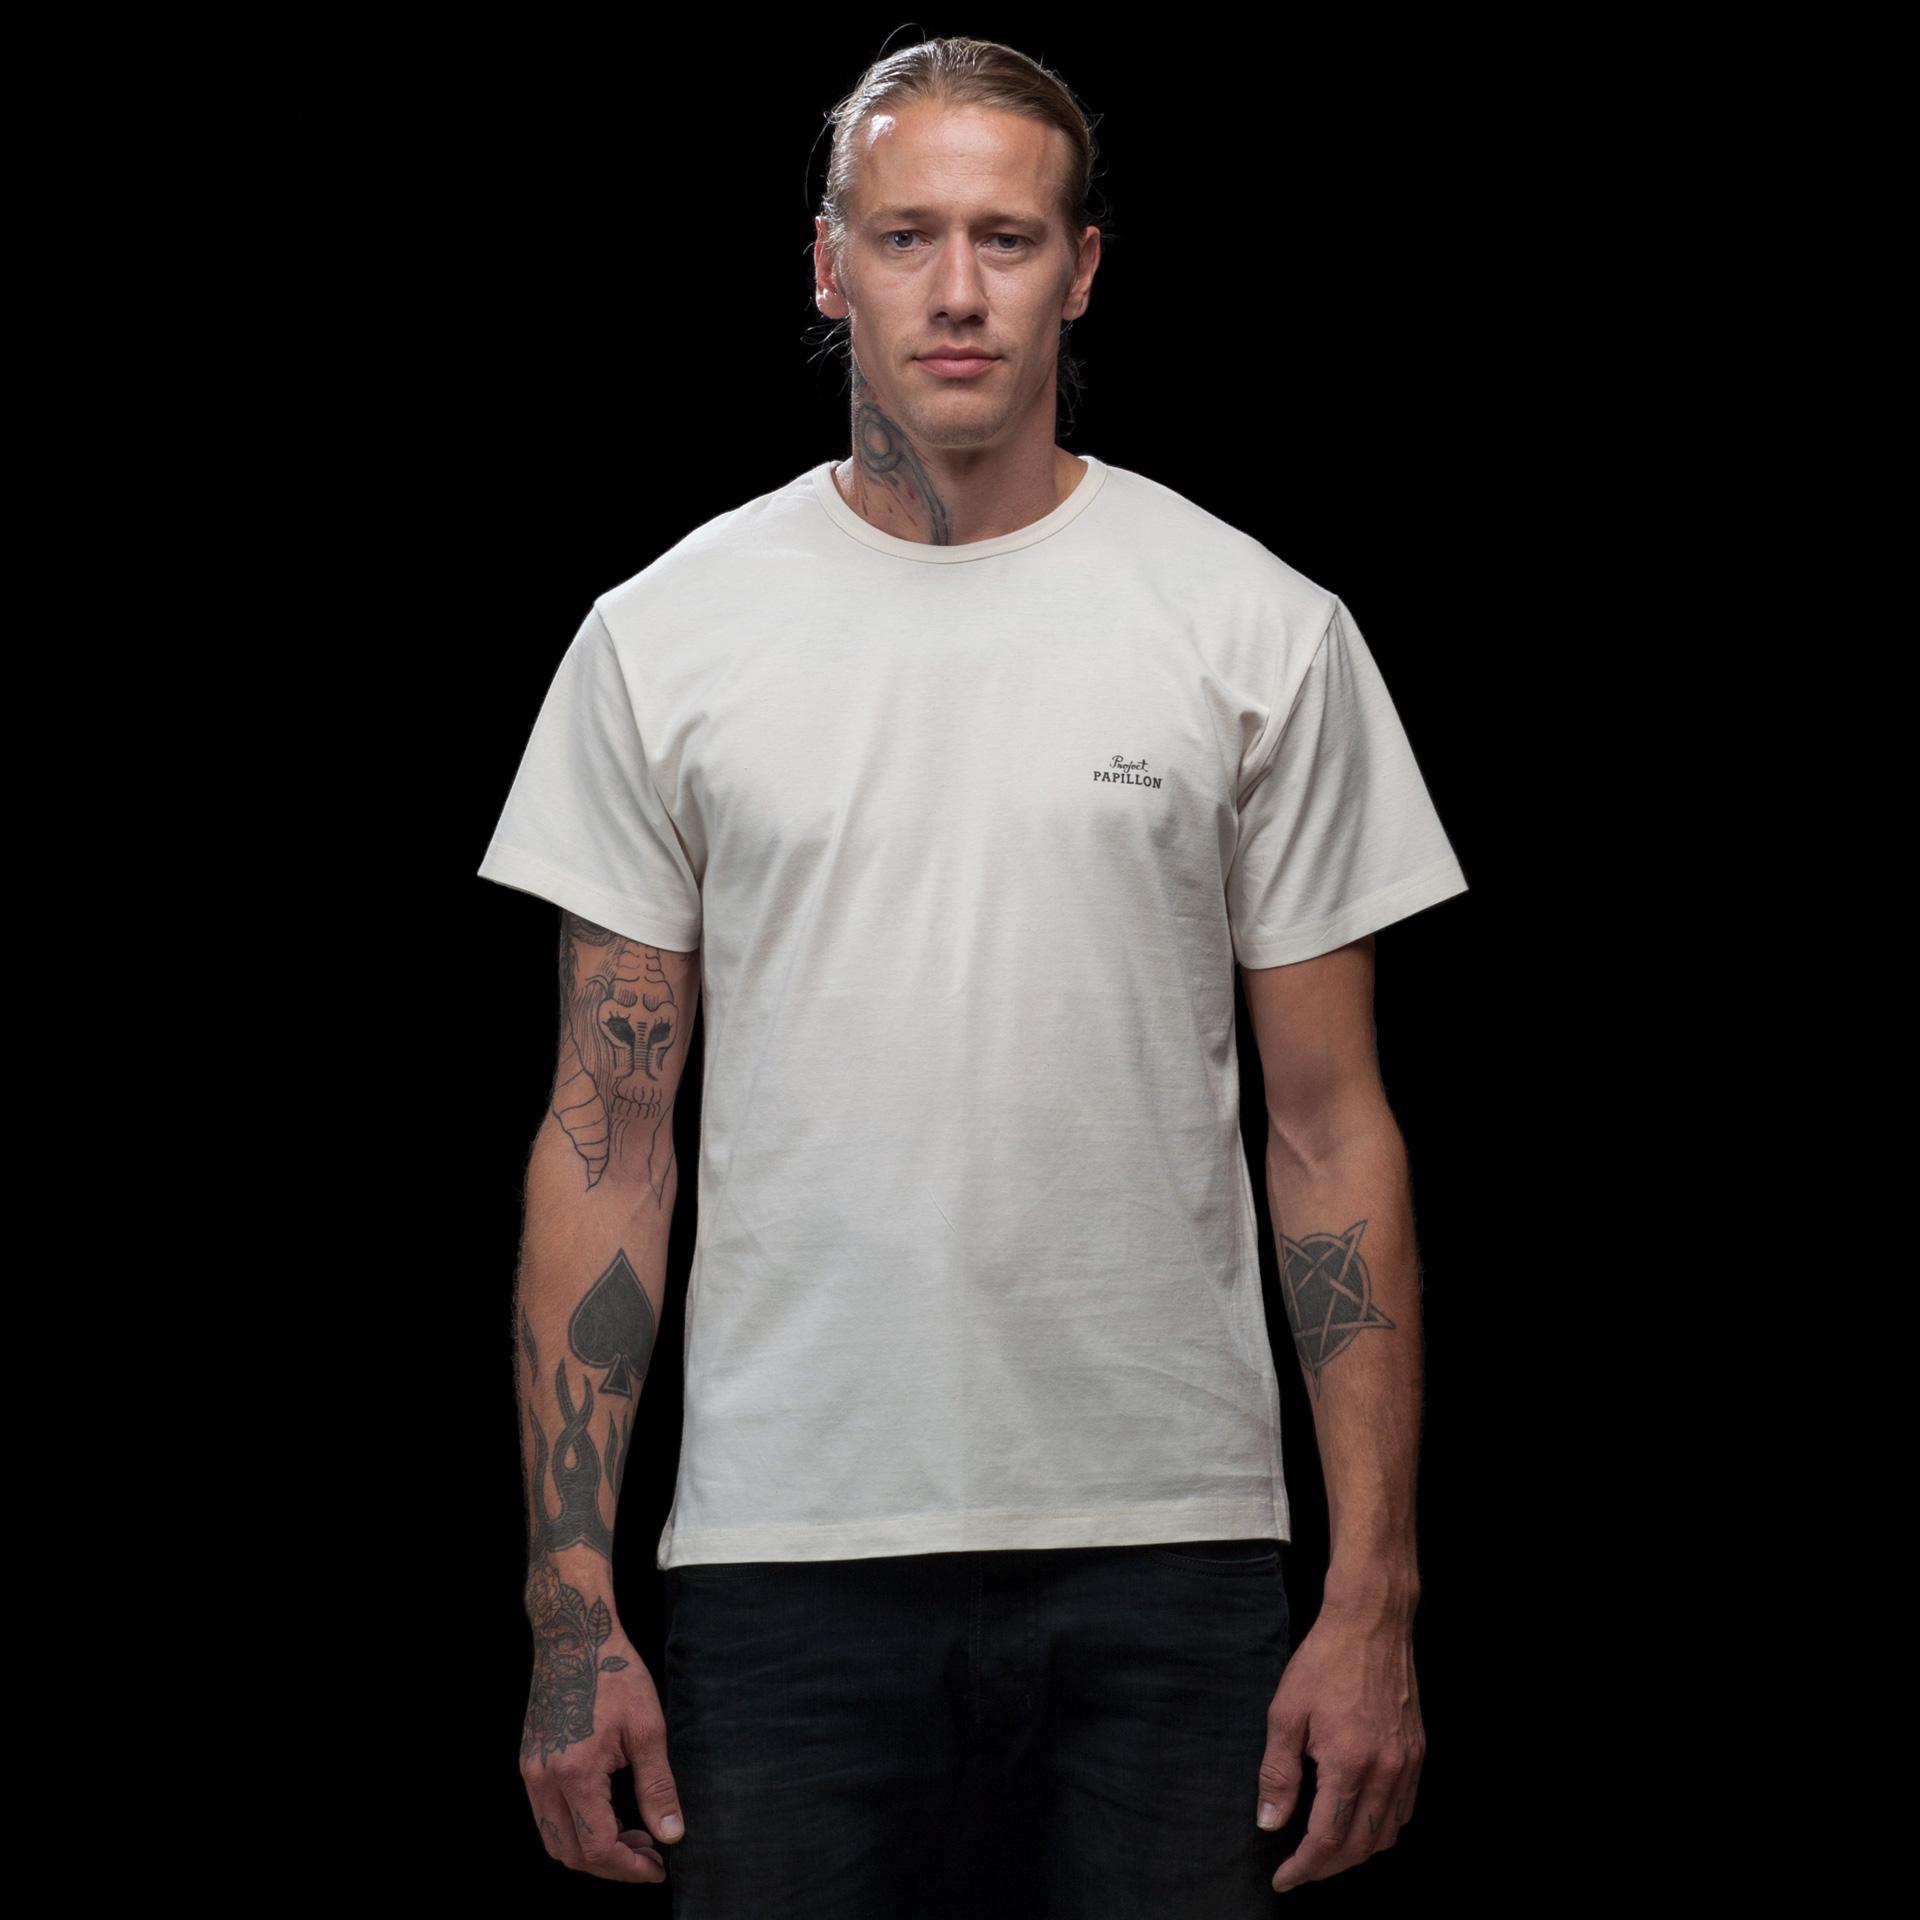 Project Papillon | Project Papillon T-shirt